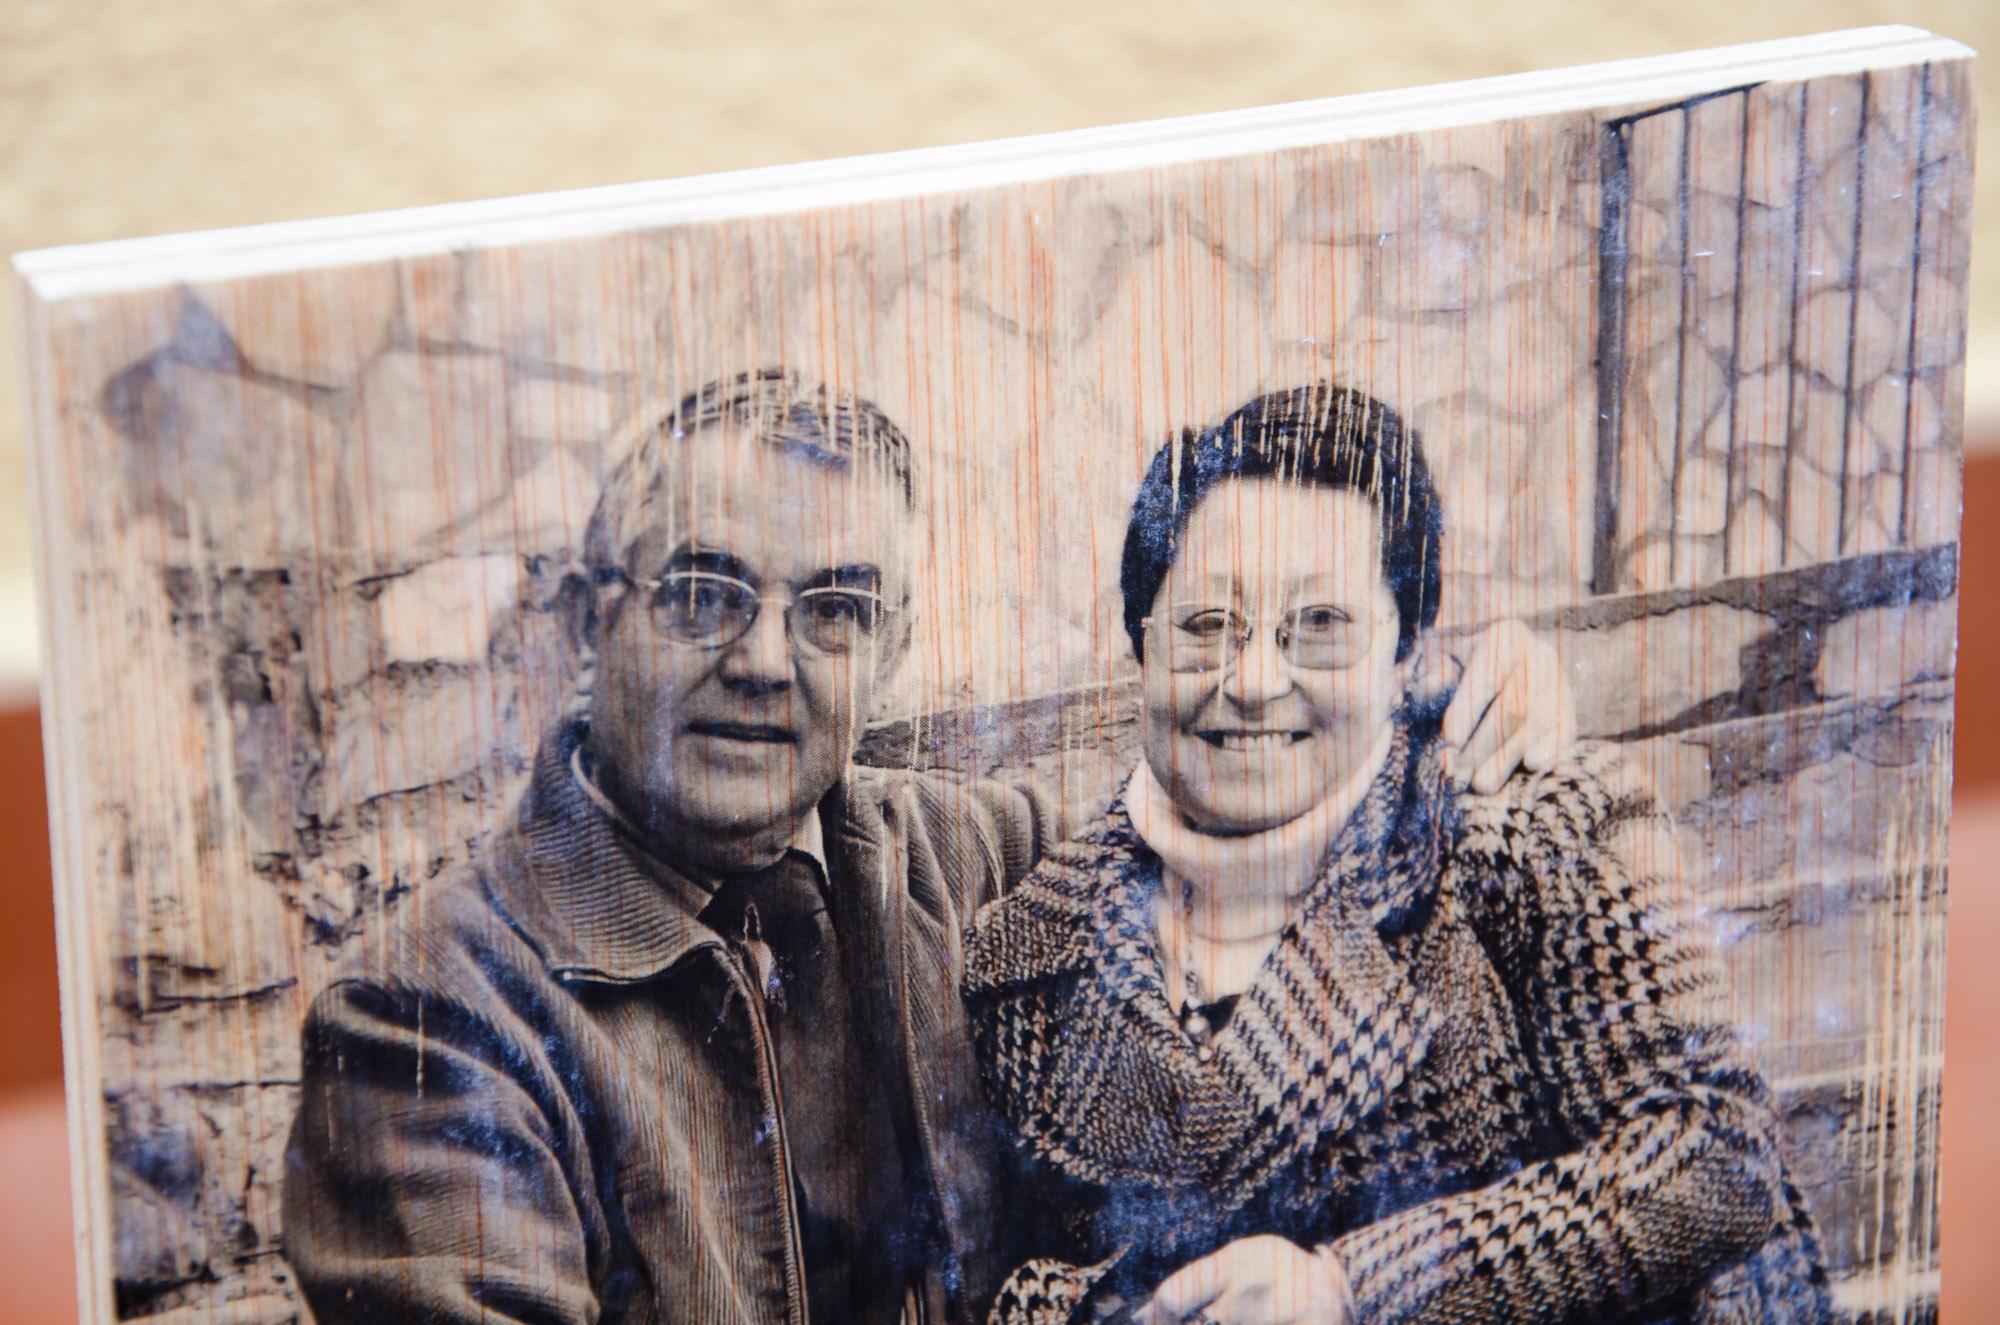 C mo transferir fotos a madera y lograr un resultado - Fotos en madera ...